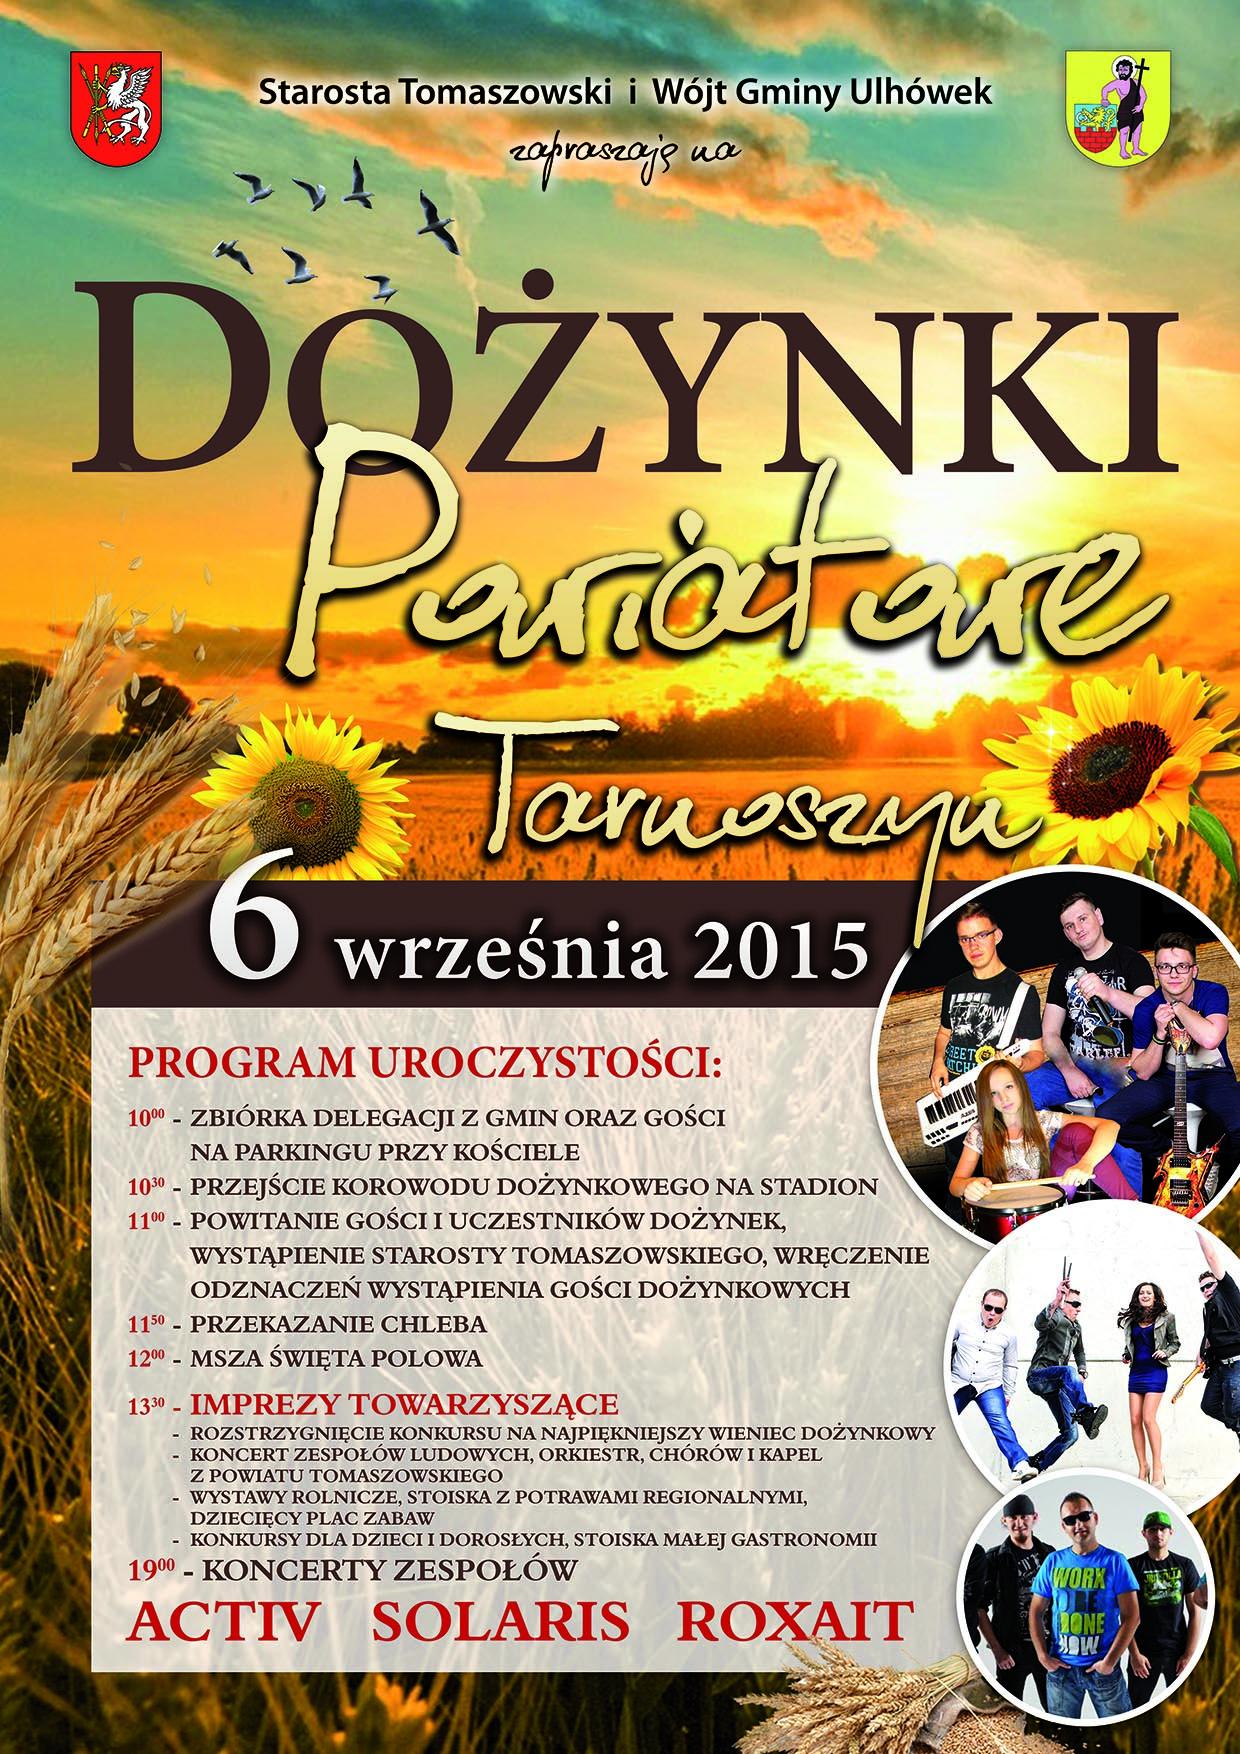 plakat_dozynki_tarnoszyn_2015_v3